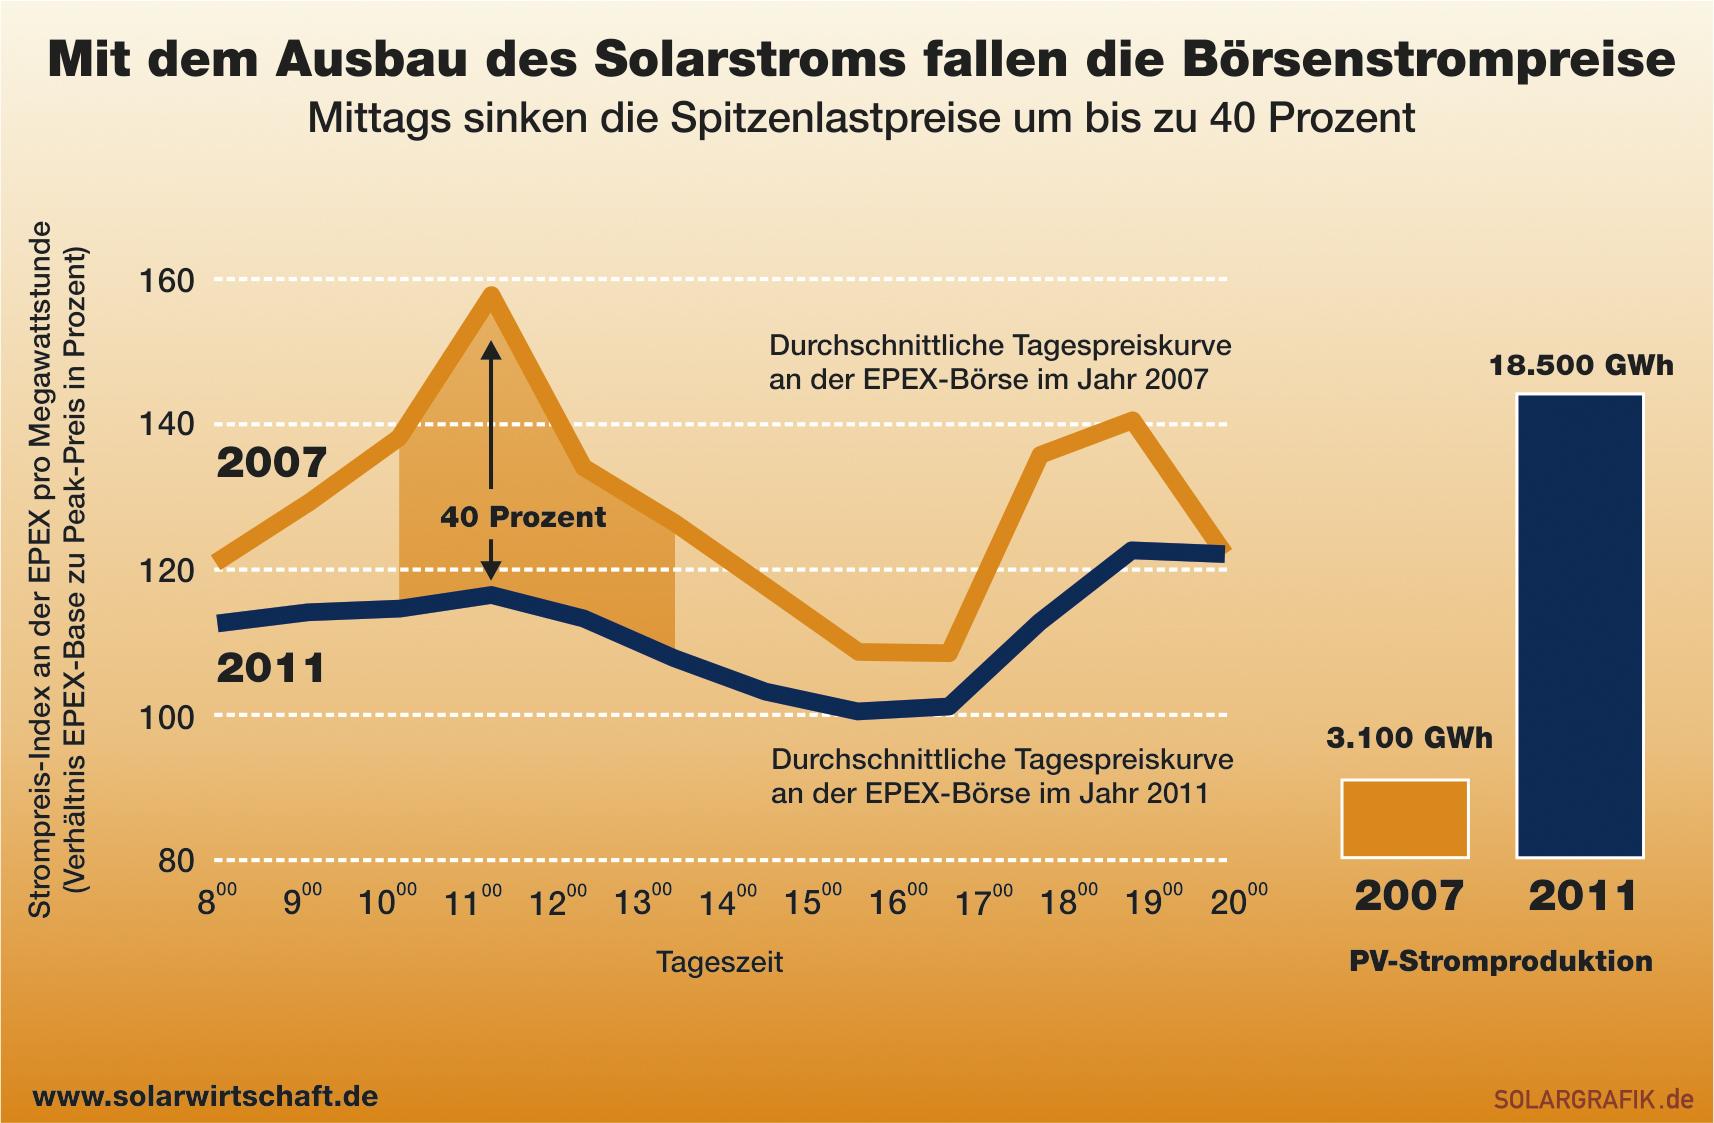 Börsenstrompreise fallen durch Ausbau von Solarstrom